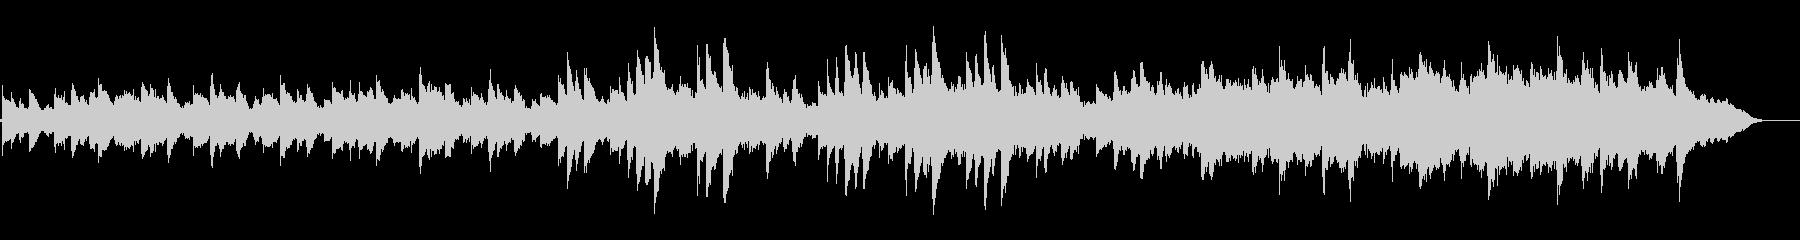 綺麗な 静か アンビエント ピアノ の未再生の波形